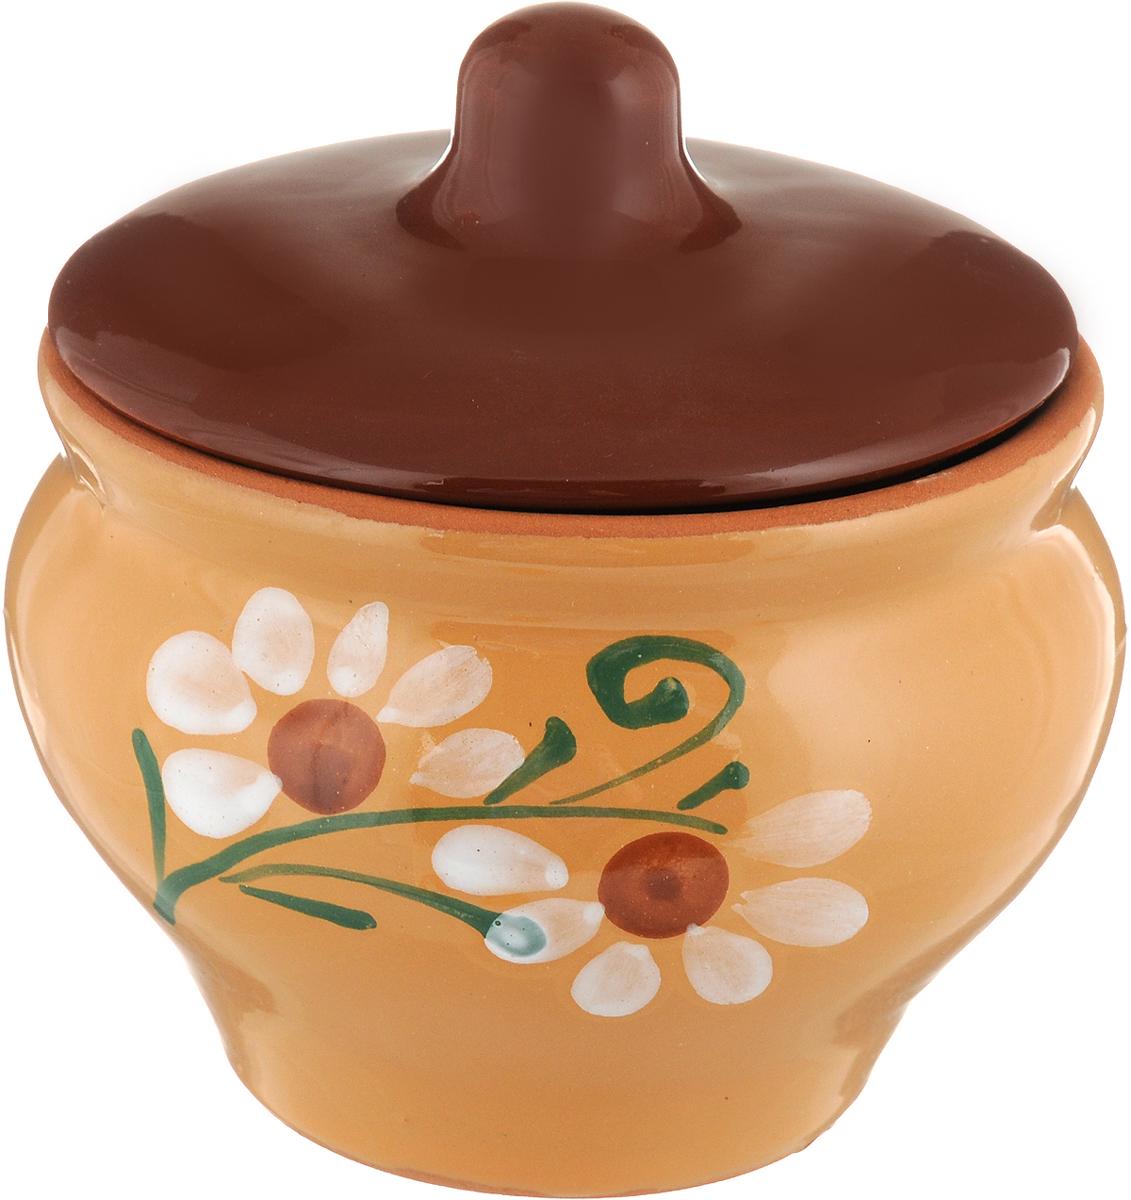 Горшочек Борисовская керамика Мечта хозяйки, цвет: коричневый, 350 мл. ОБЧ14457930ОБЧ14457930_коричневые с цветочкомЕсли вы любите готовить небольшие блюда, вроде сытных жульенов илиотдельно запеченного мяса - горшочек Борисовская керамика Мечта хозяйкиименно для вас. Объем изделия позволяет использовать его для приготовлениямини-блюд. Но это еще не все - горшочек будет очень удобен для хранения специйи приправ. Он выполнен из высококачественной керамики. В результате выполучаете одновременно посуду для приготовления и емкость для хранения. Горшочек подходит для использования в духовке и микроволновой печи.